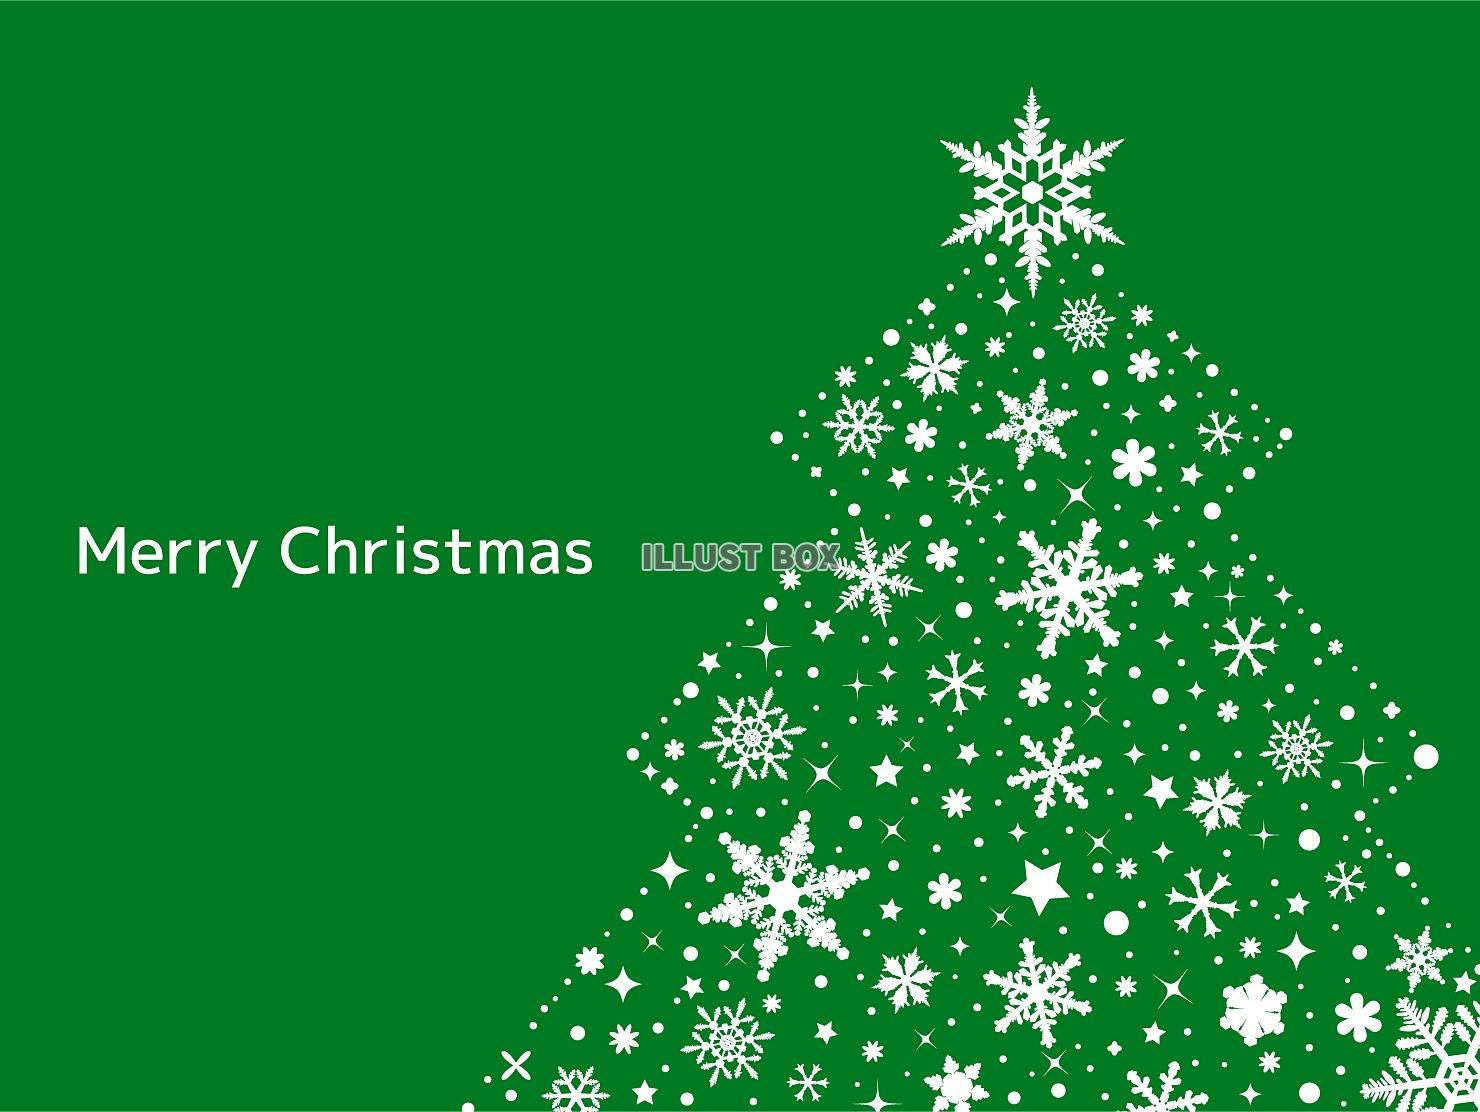 無料イラスト 緑色のクリスマスカード